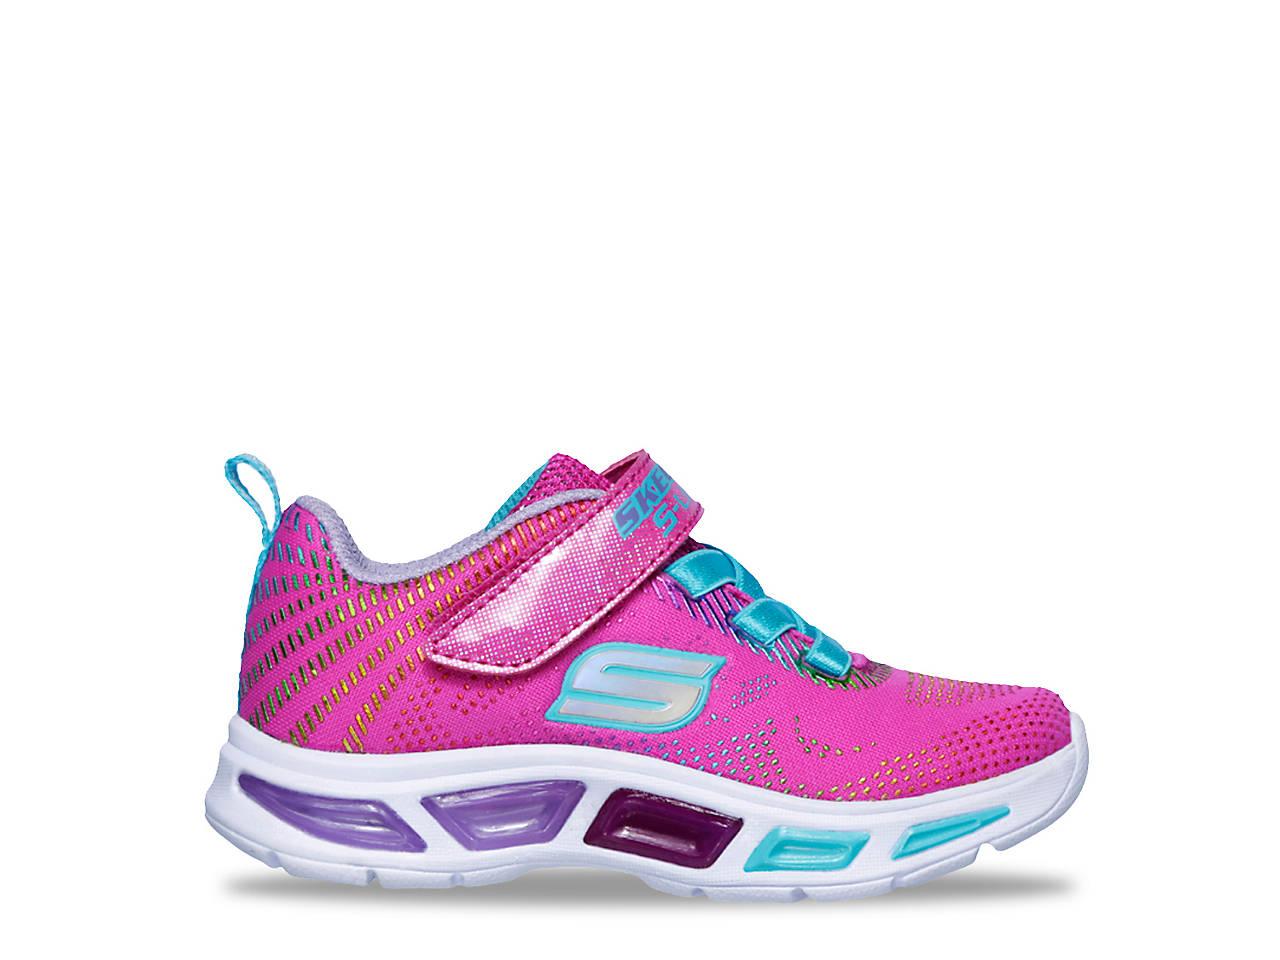 S Lights Litebeams Gleam N' Dream Sneaker